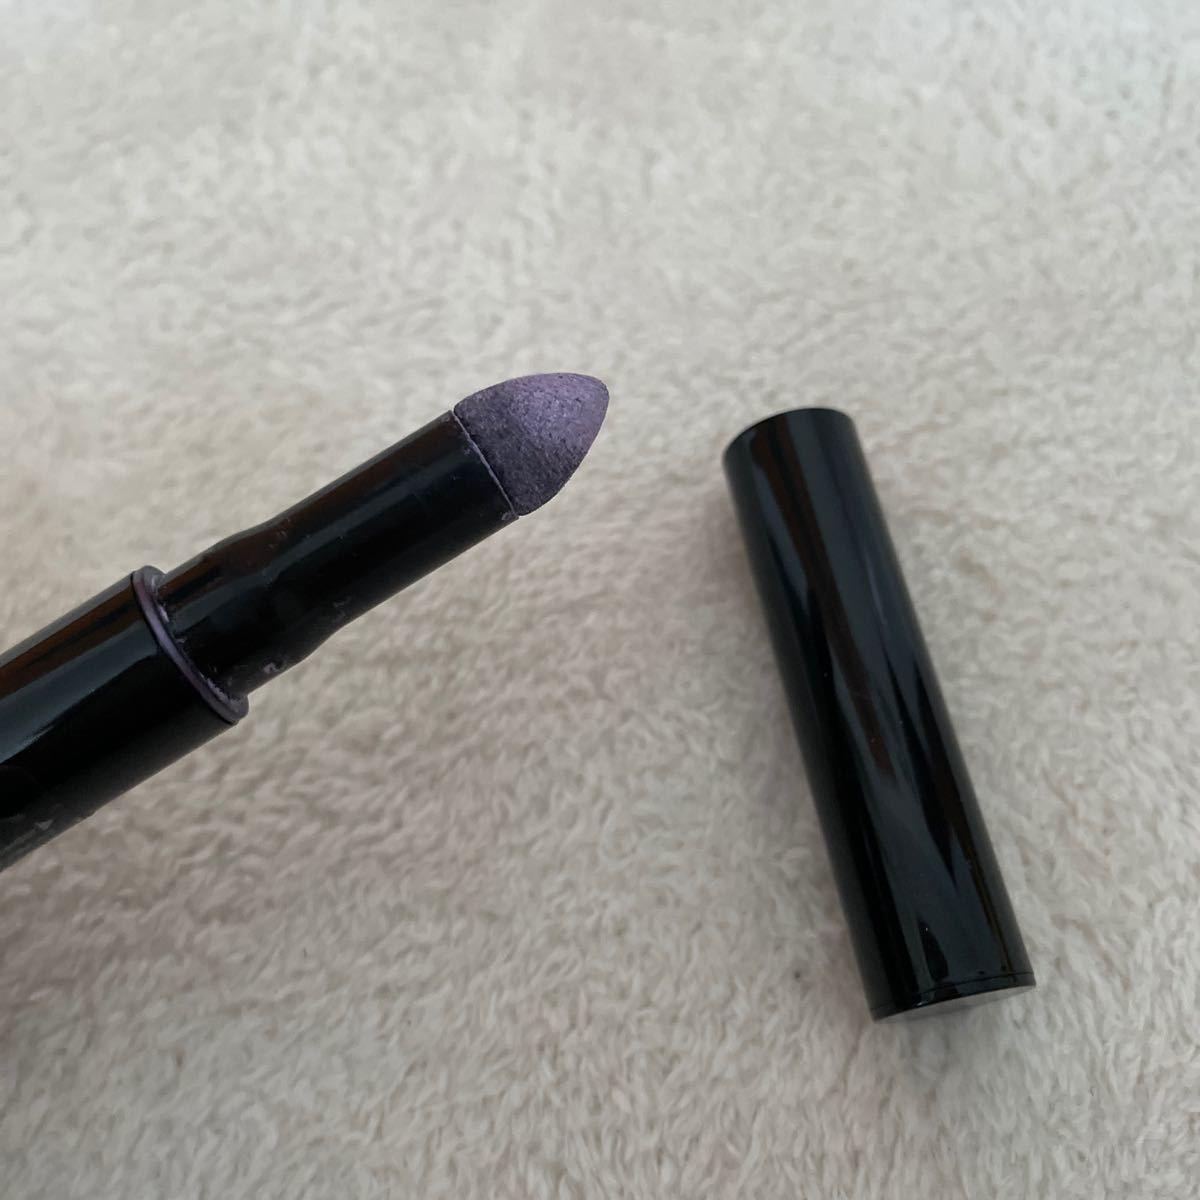 アイシャドウ RMK 紫 アイシャドウペンシル クレヨンタイプ